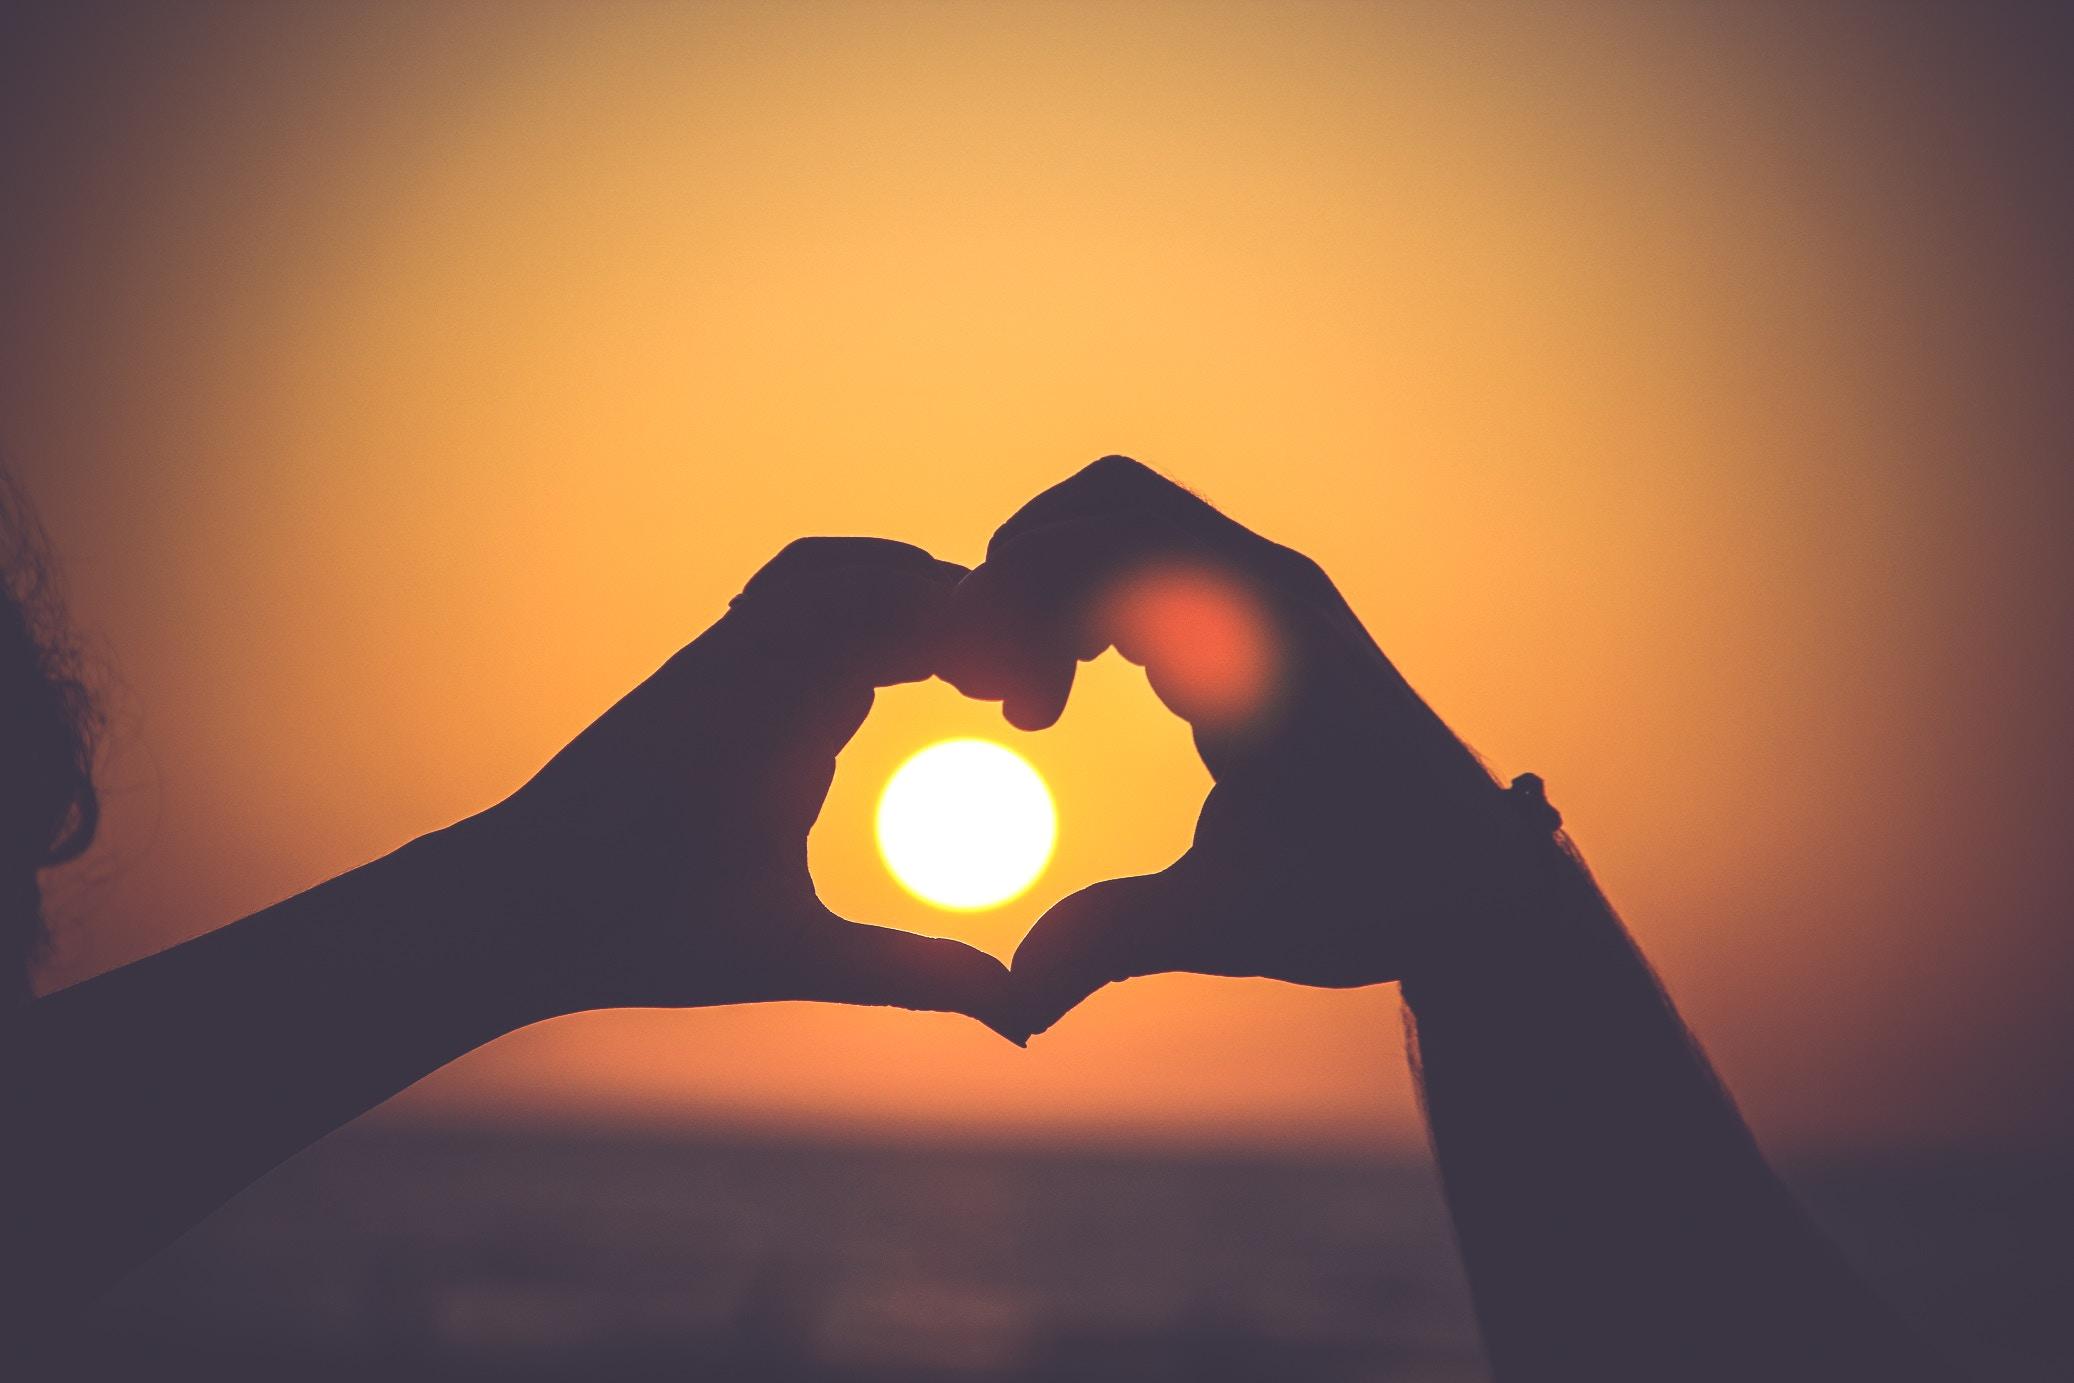 Kærlighedens 5 sprog | Test dit kærlighedssprog | Alpehøjskolen - En sommerhøjskole i Alperne, hvor vi udforsker vores relationer